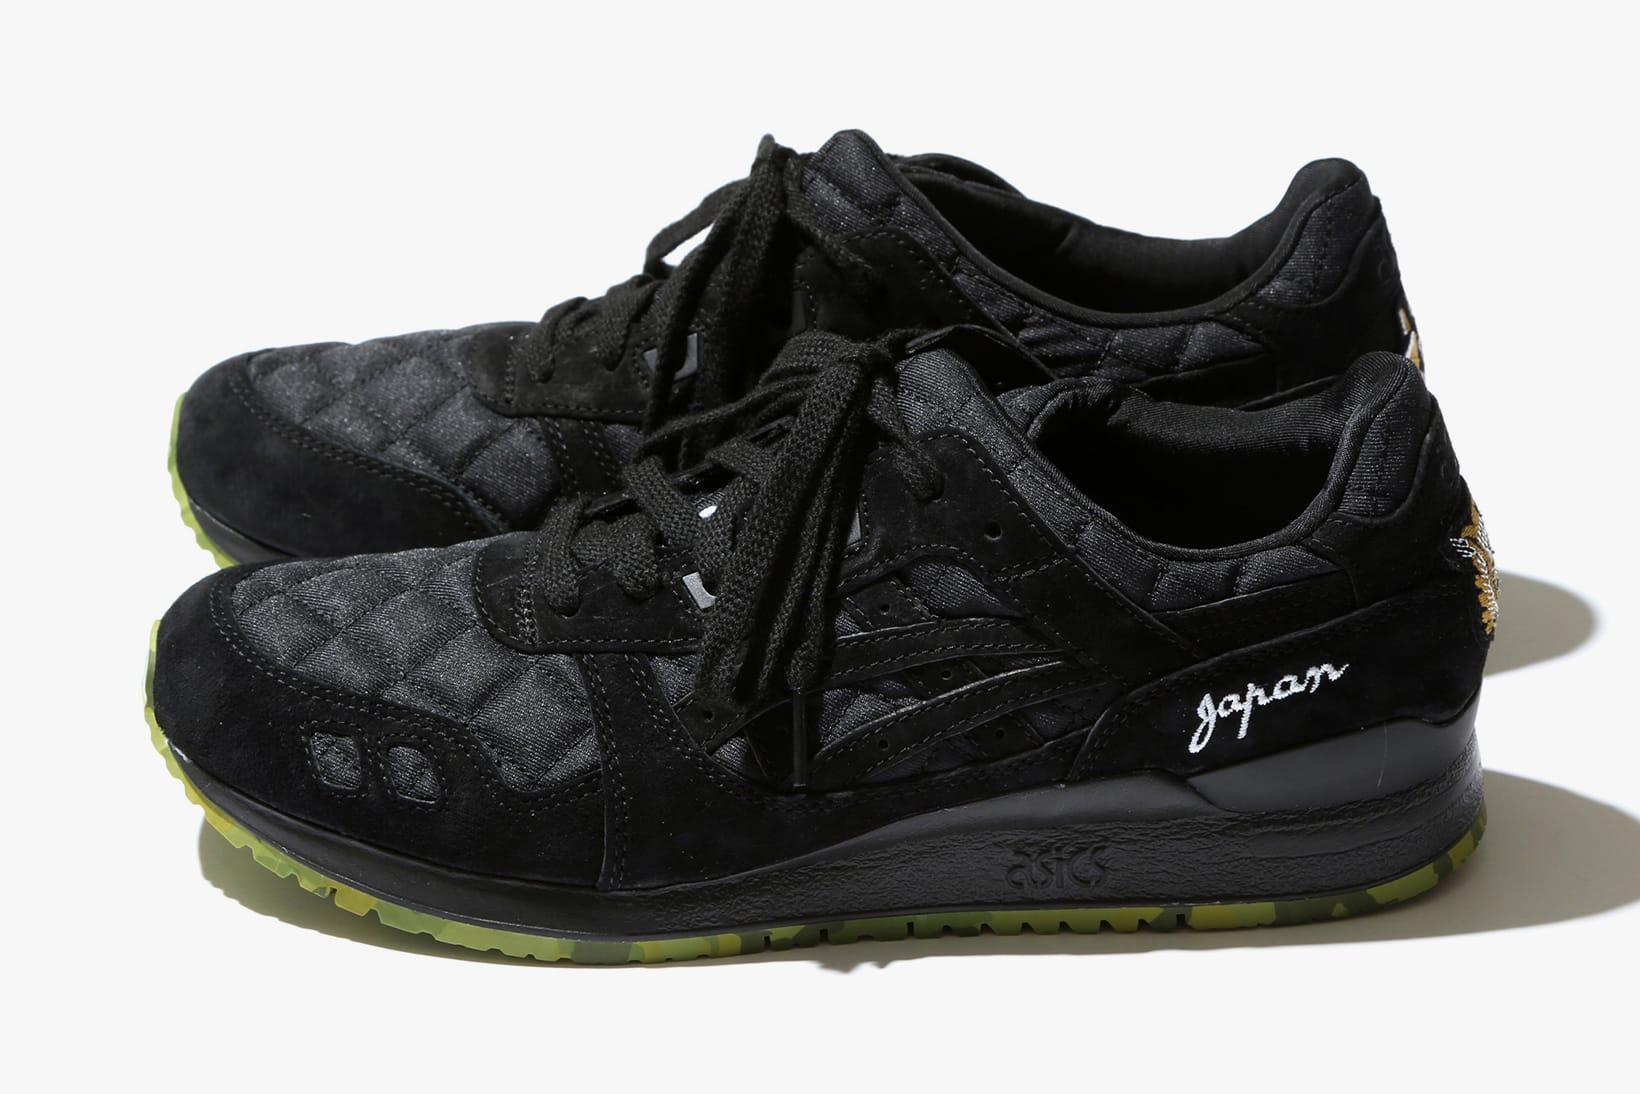 BEAMS x mita sneakers x ASICS GEL-Lyte